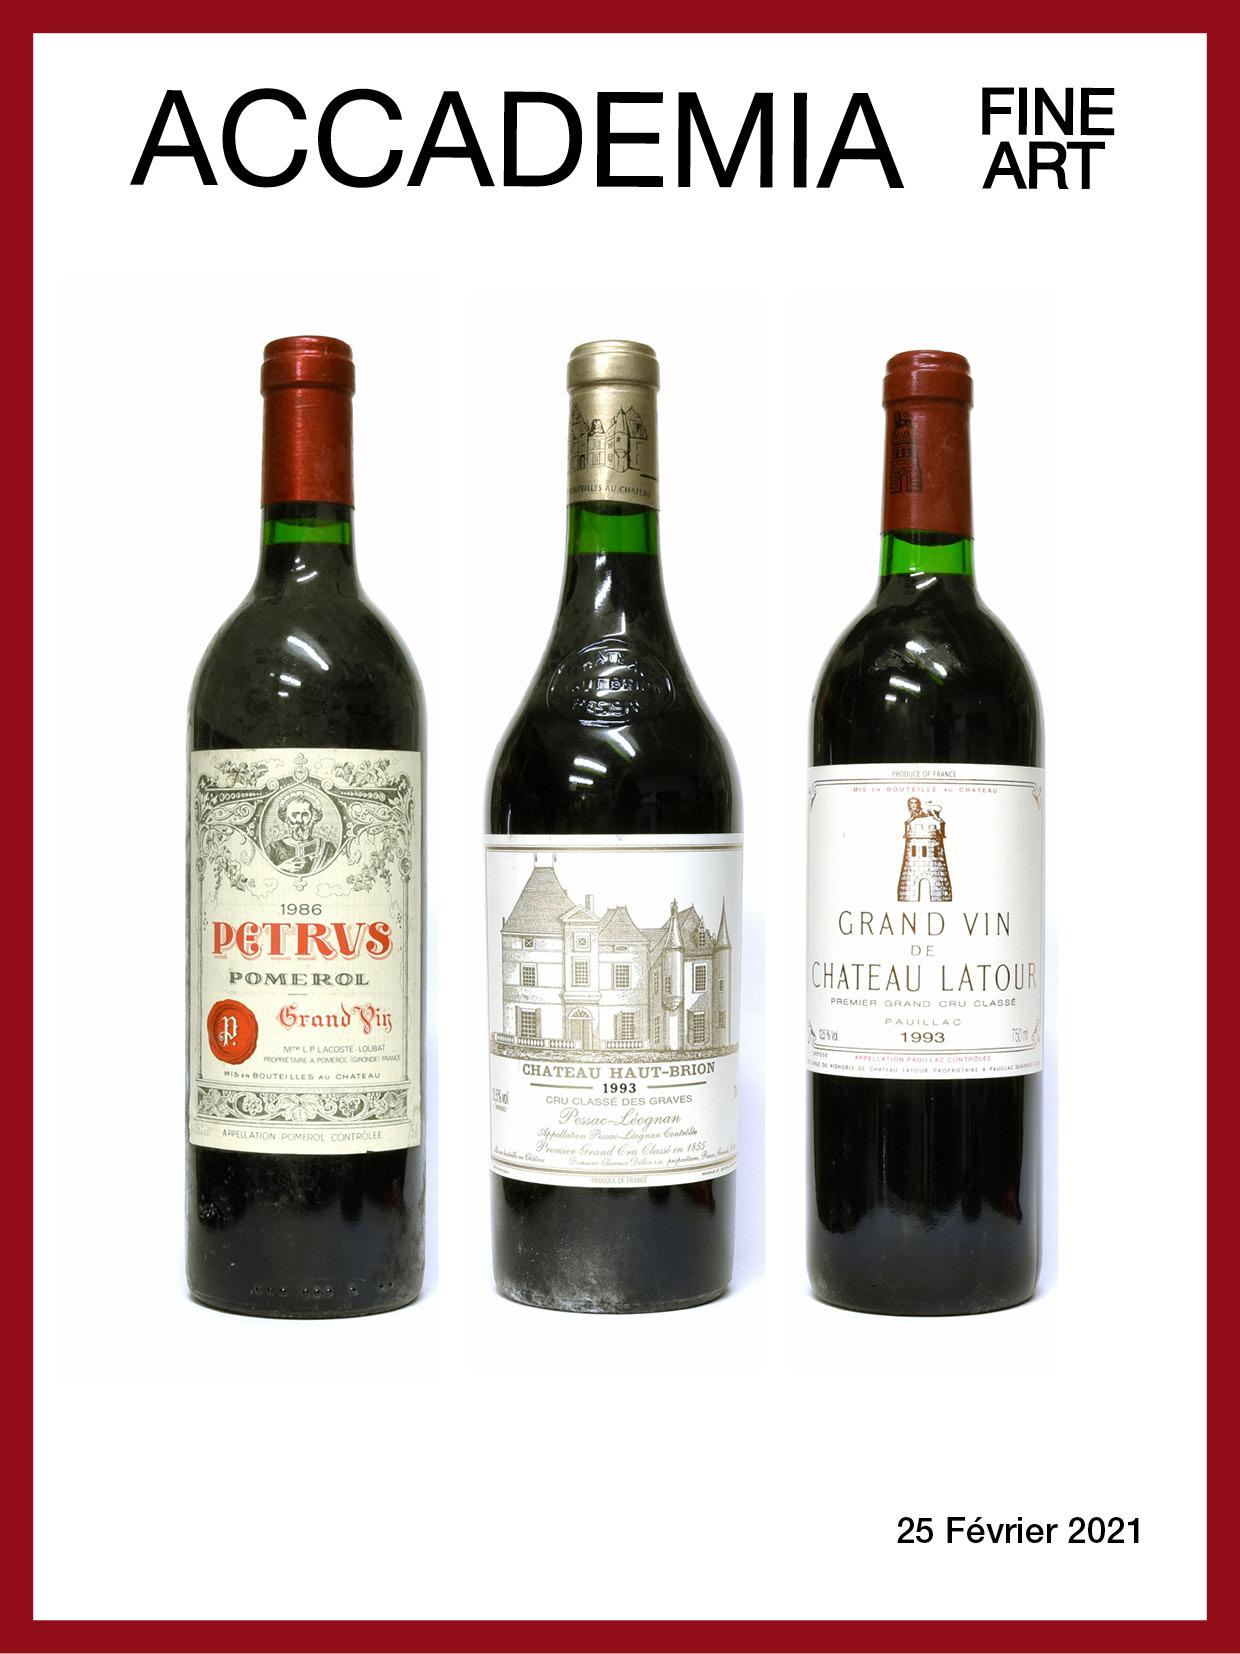 Vente Vins & Spiritueux chez Accademia Fine Art : 173 lots